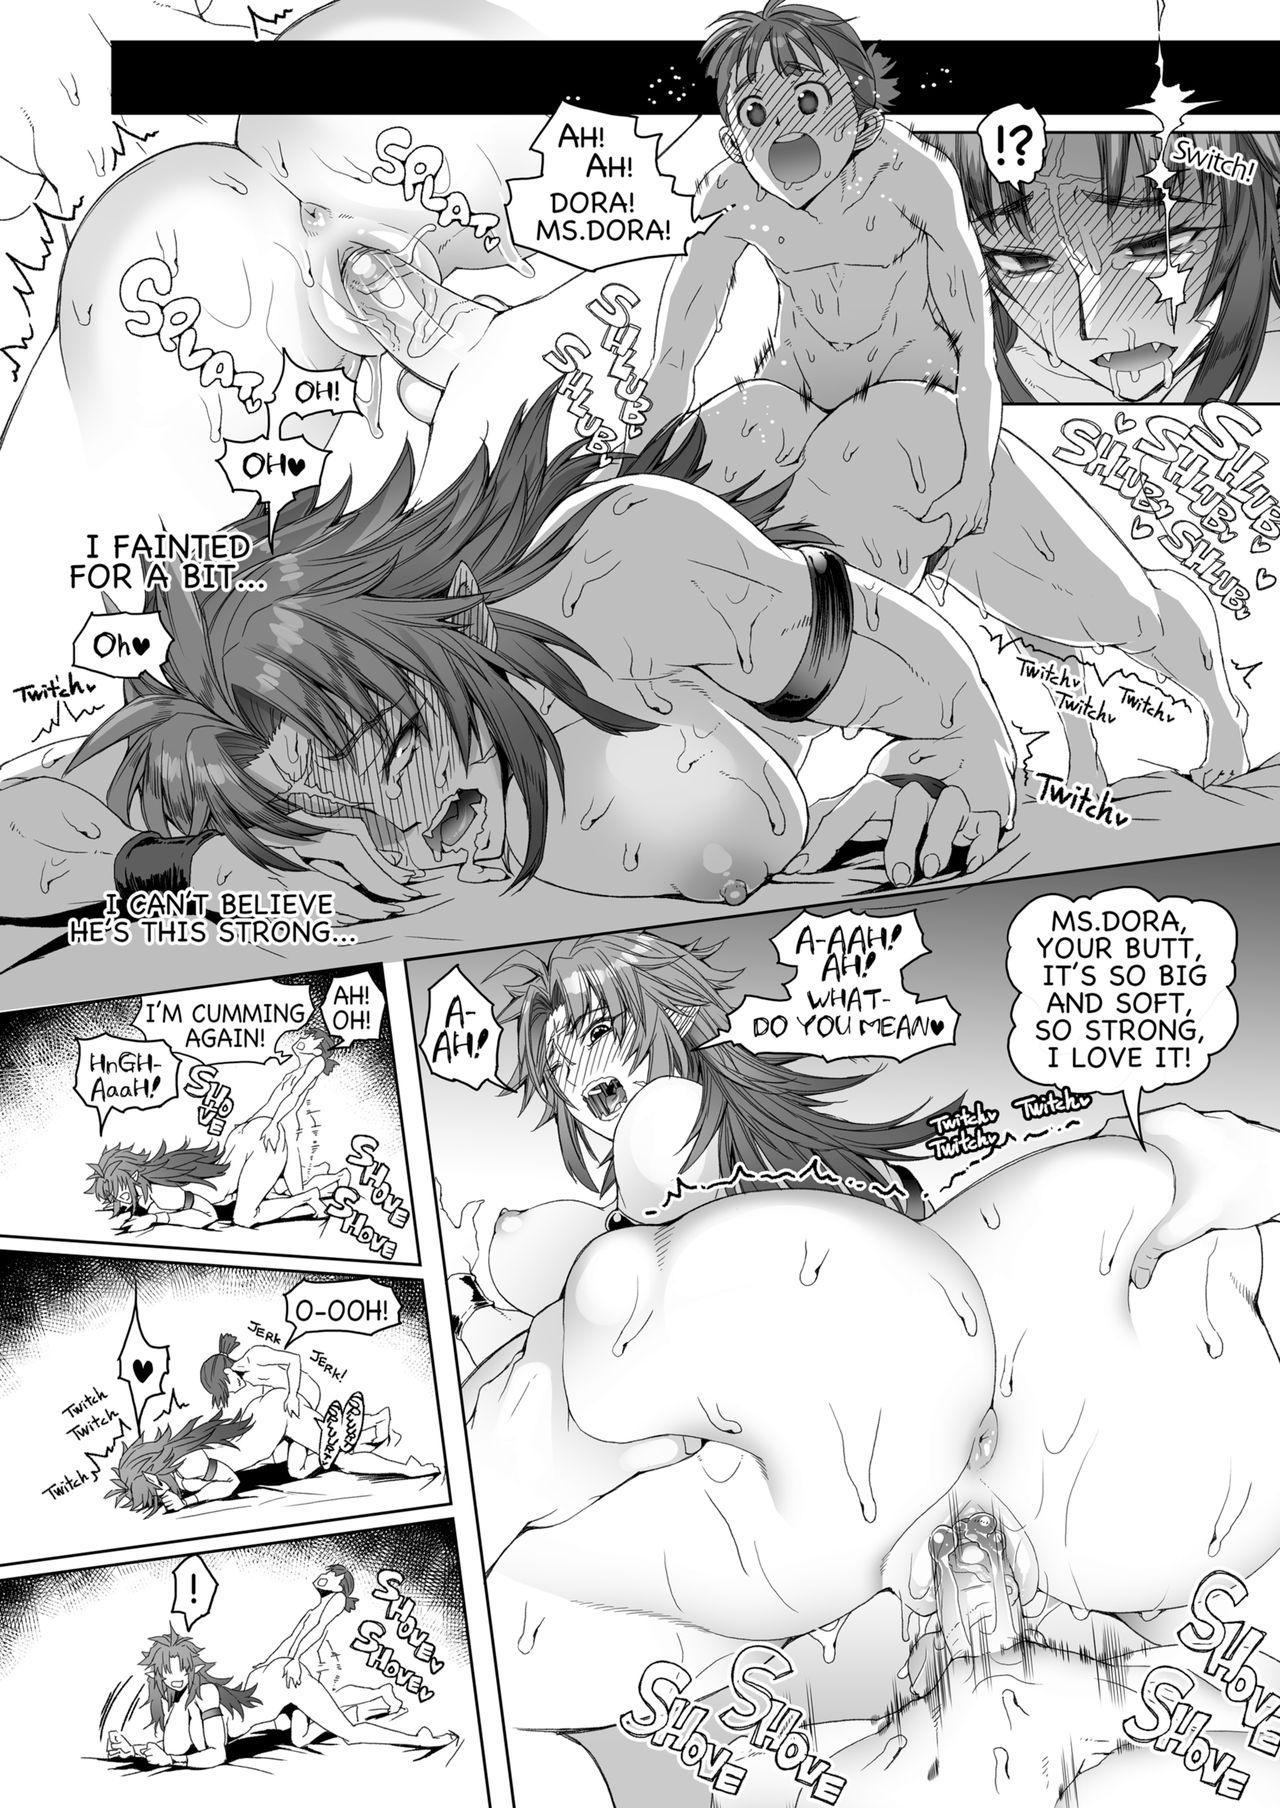 hiiro no tui to muku no miya | Dora the Readhead 16